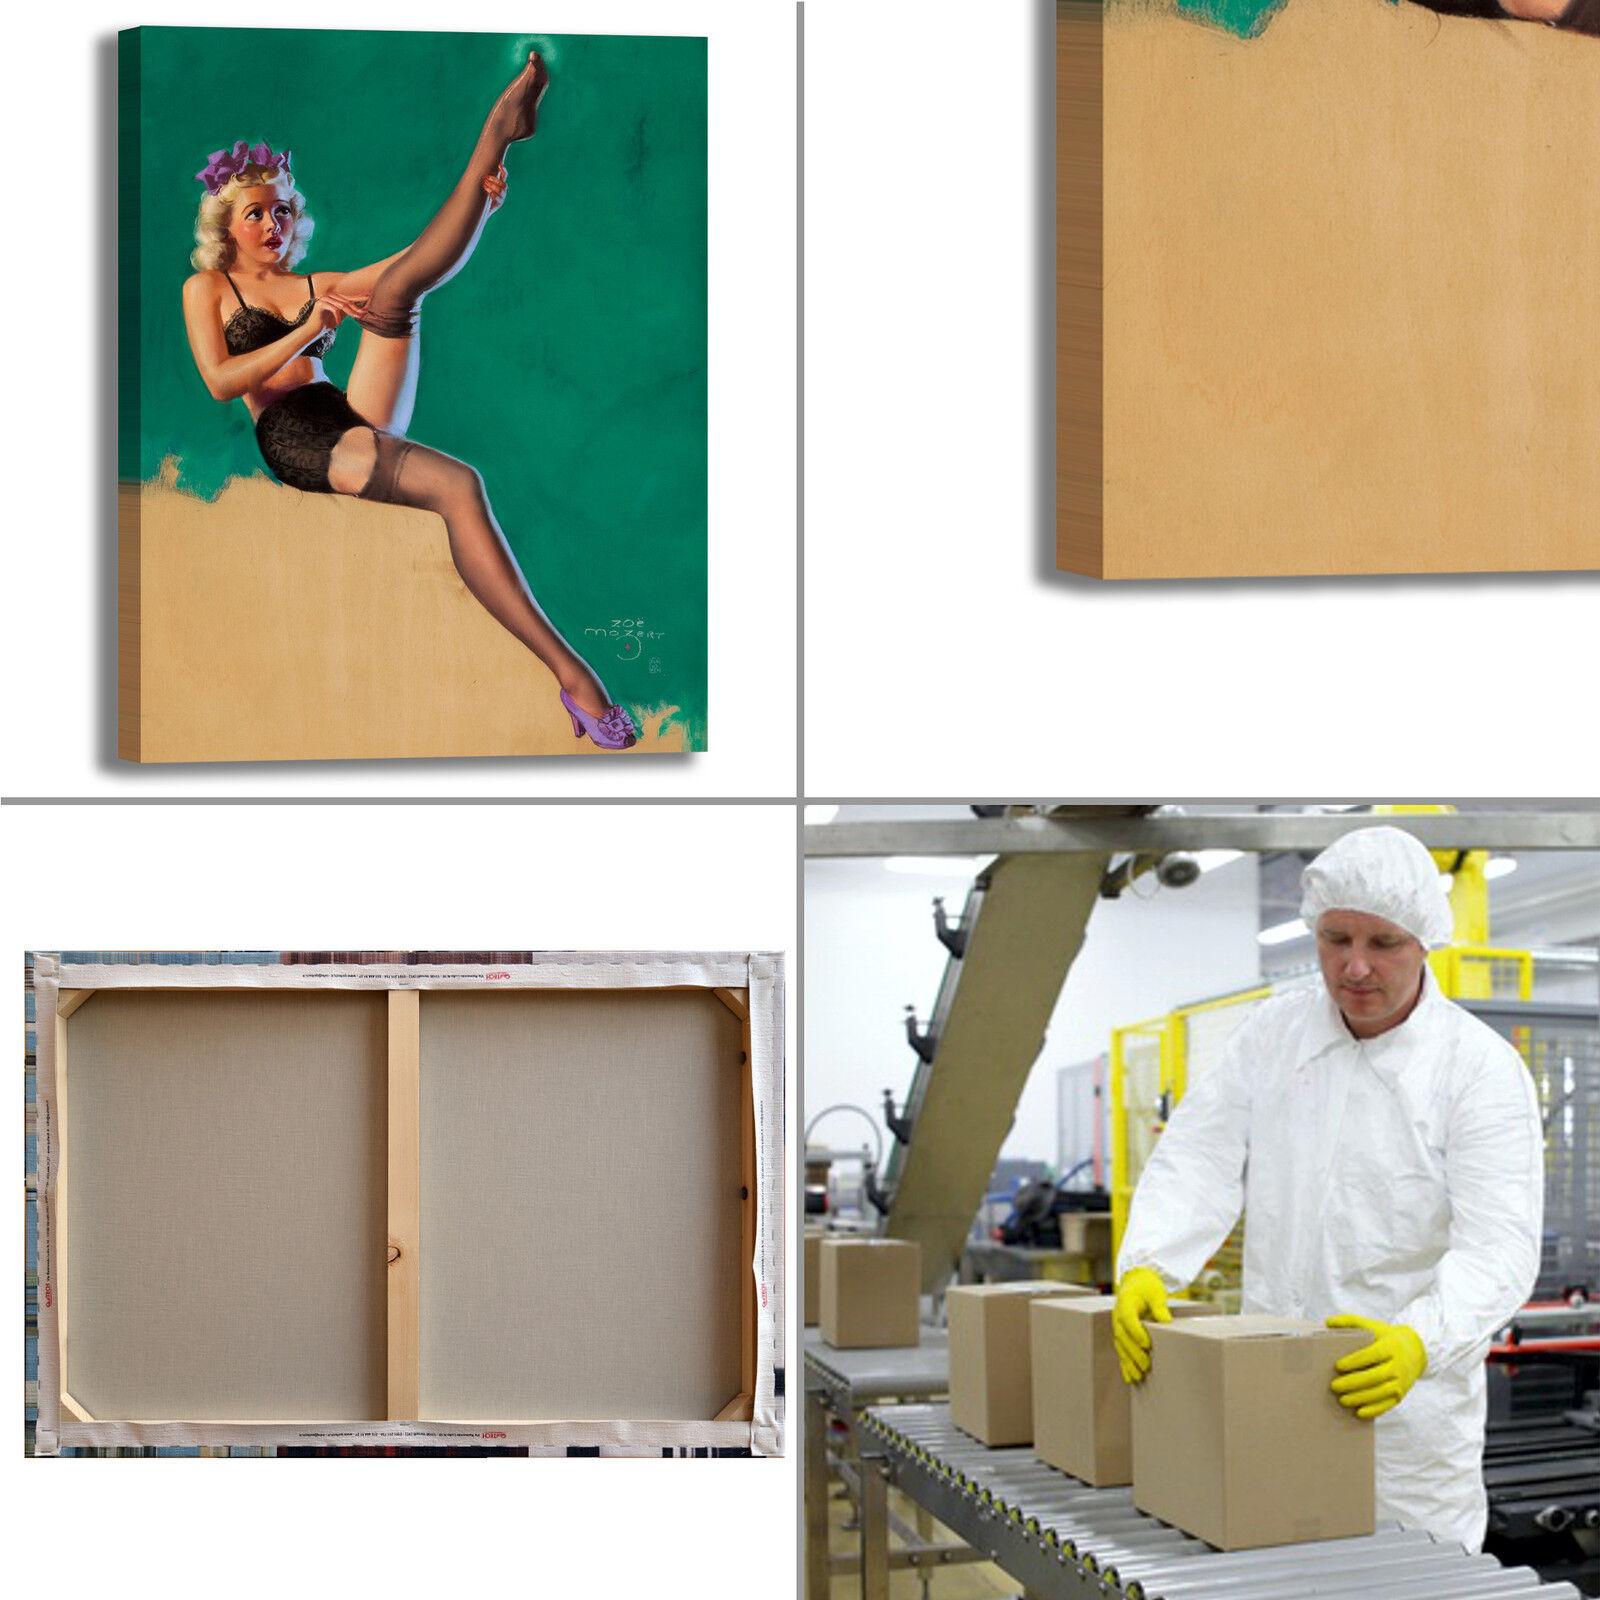 Pin Up vintage anni 50 60 70 design quadro telaio stampa tela telaio quadro arRouge o casa 05 134552